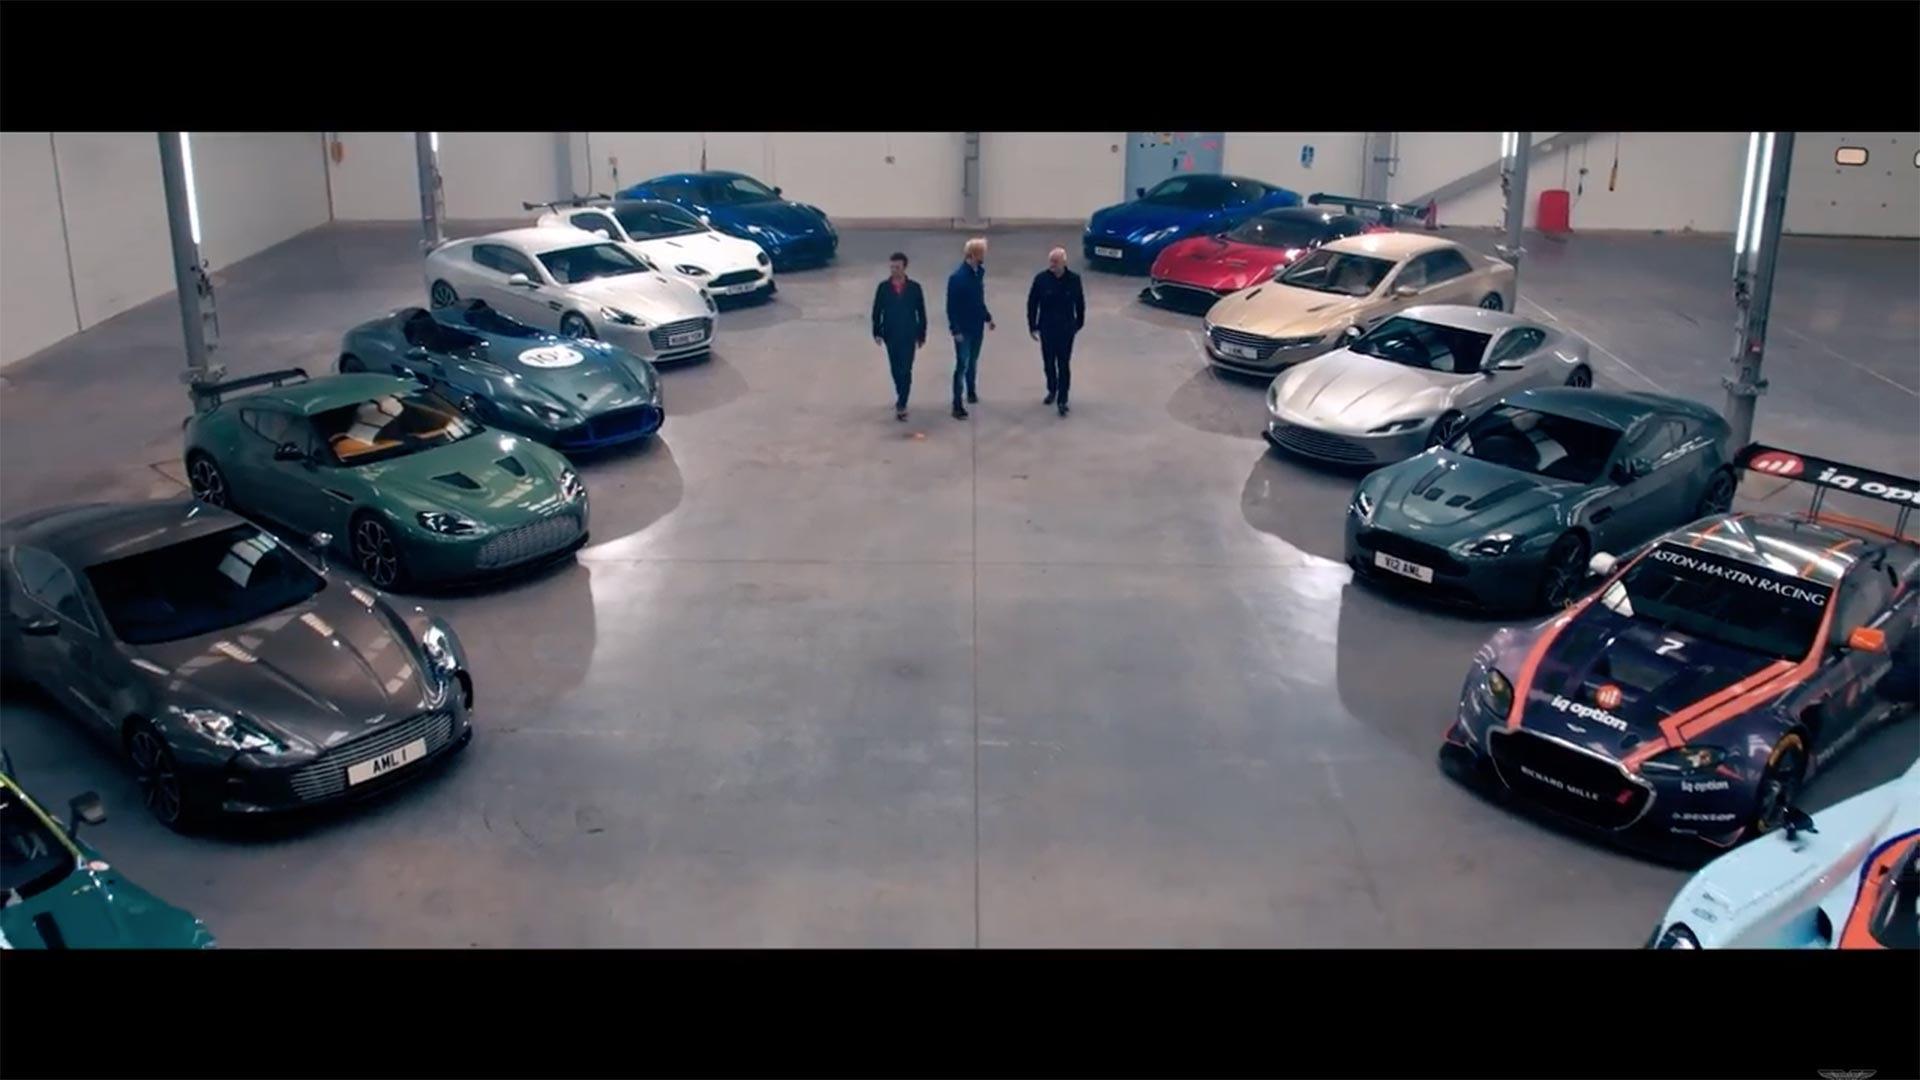 Enjoy 83m In Aston Martins Sliding Around New Welsh Factory